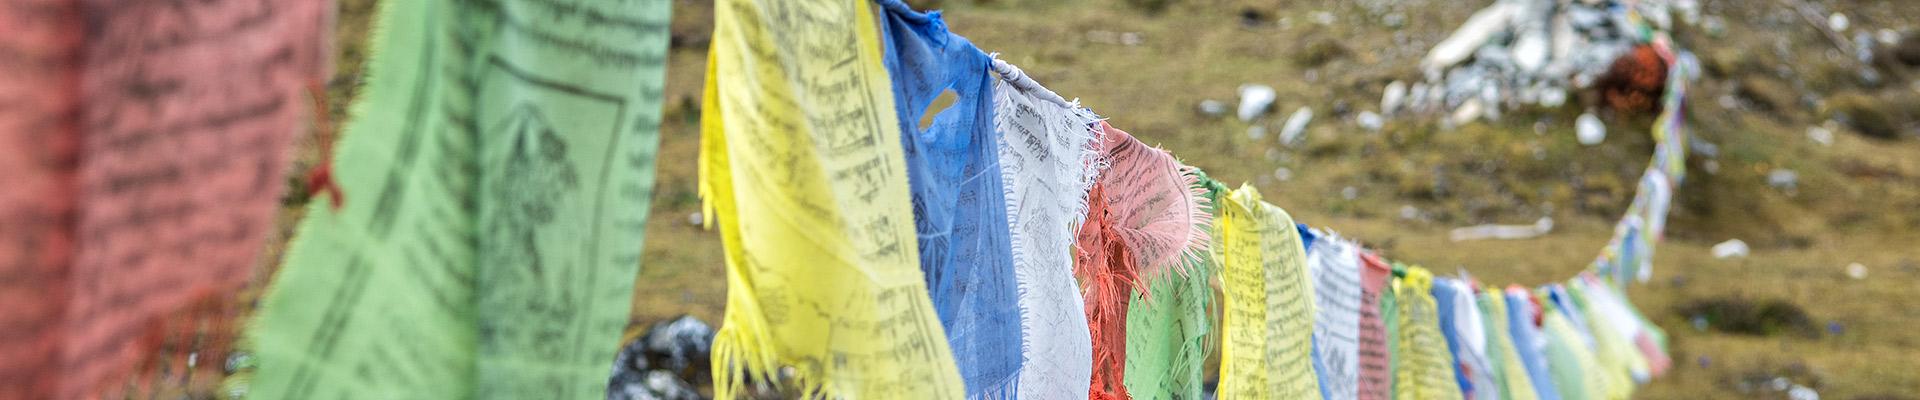 Top image drapeaux de prières à Jare La, Bhoutan